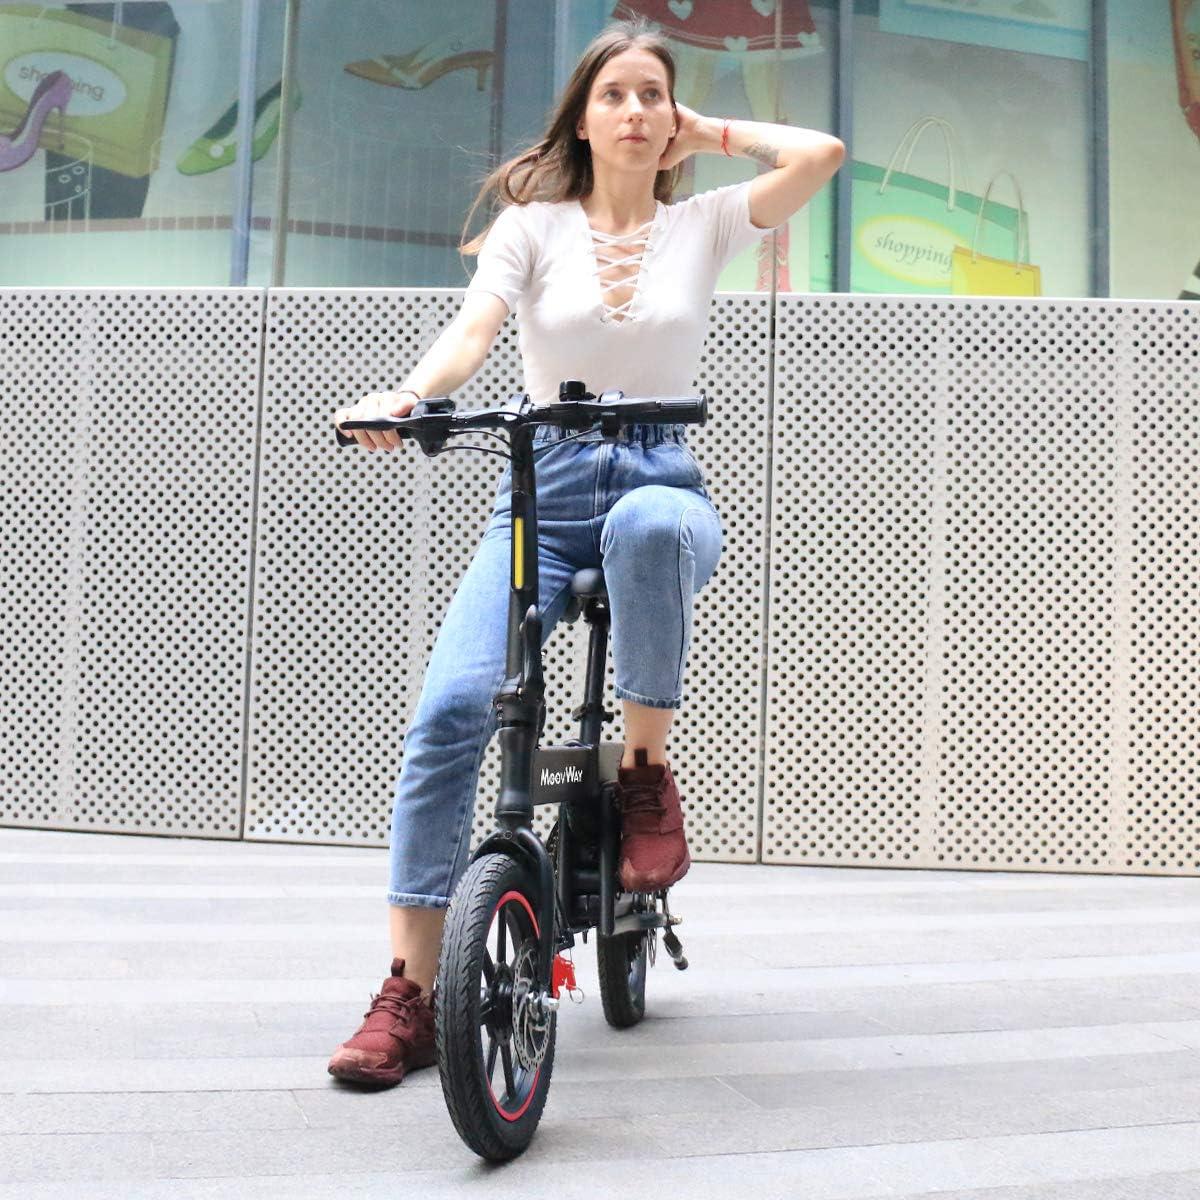 350W Motor Bicicleta Plegable 25 km//h y 25 km Asiento Ajustable Bater/ía 36V 6.0Ah con Pedales Bici Electricas Adulto con Ruedas de 14 MoovWay Bicicleta El/éctrica Plegables